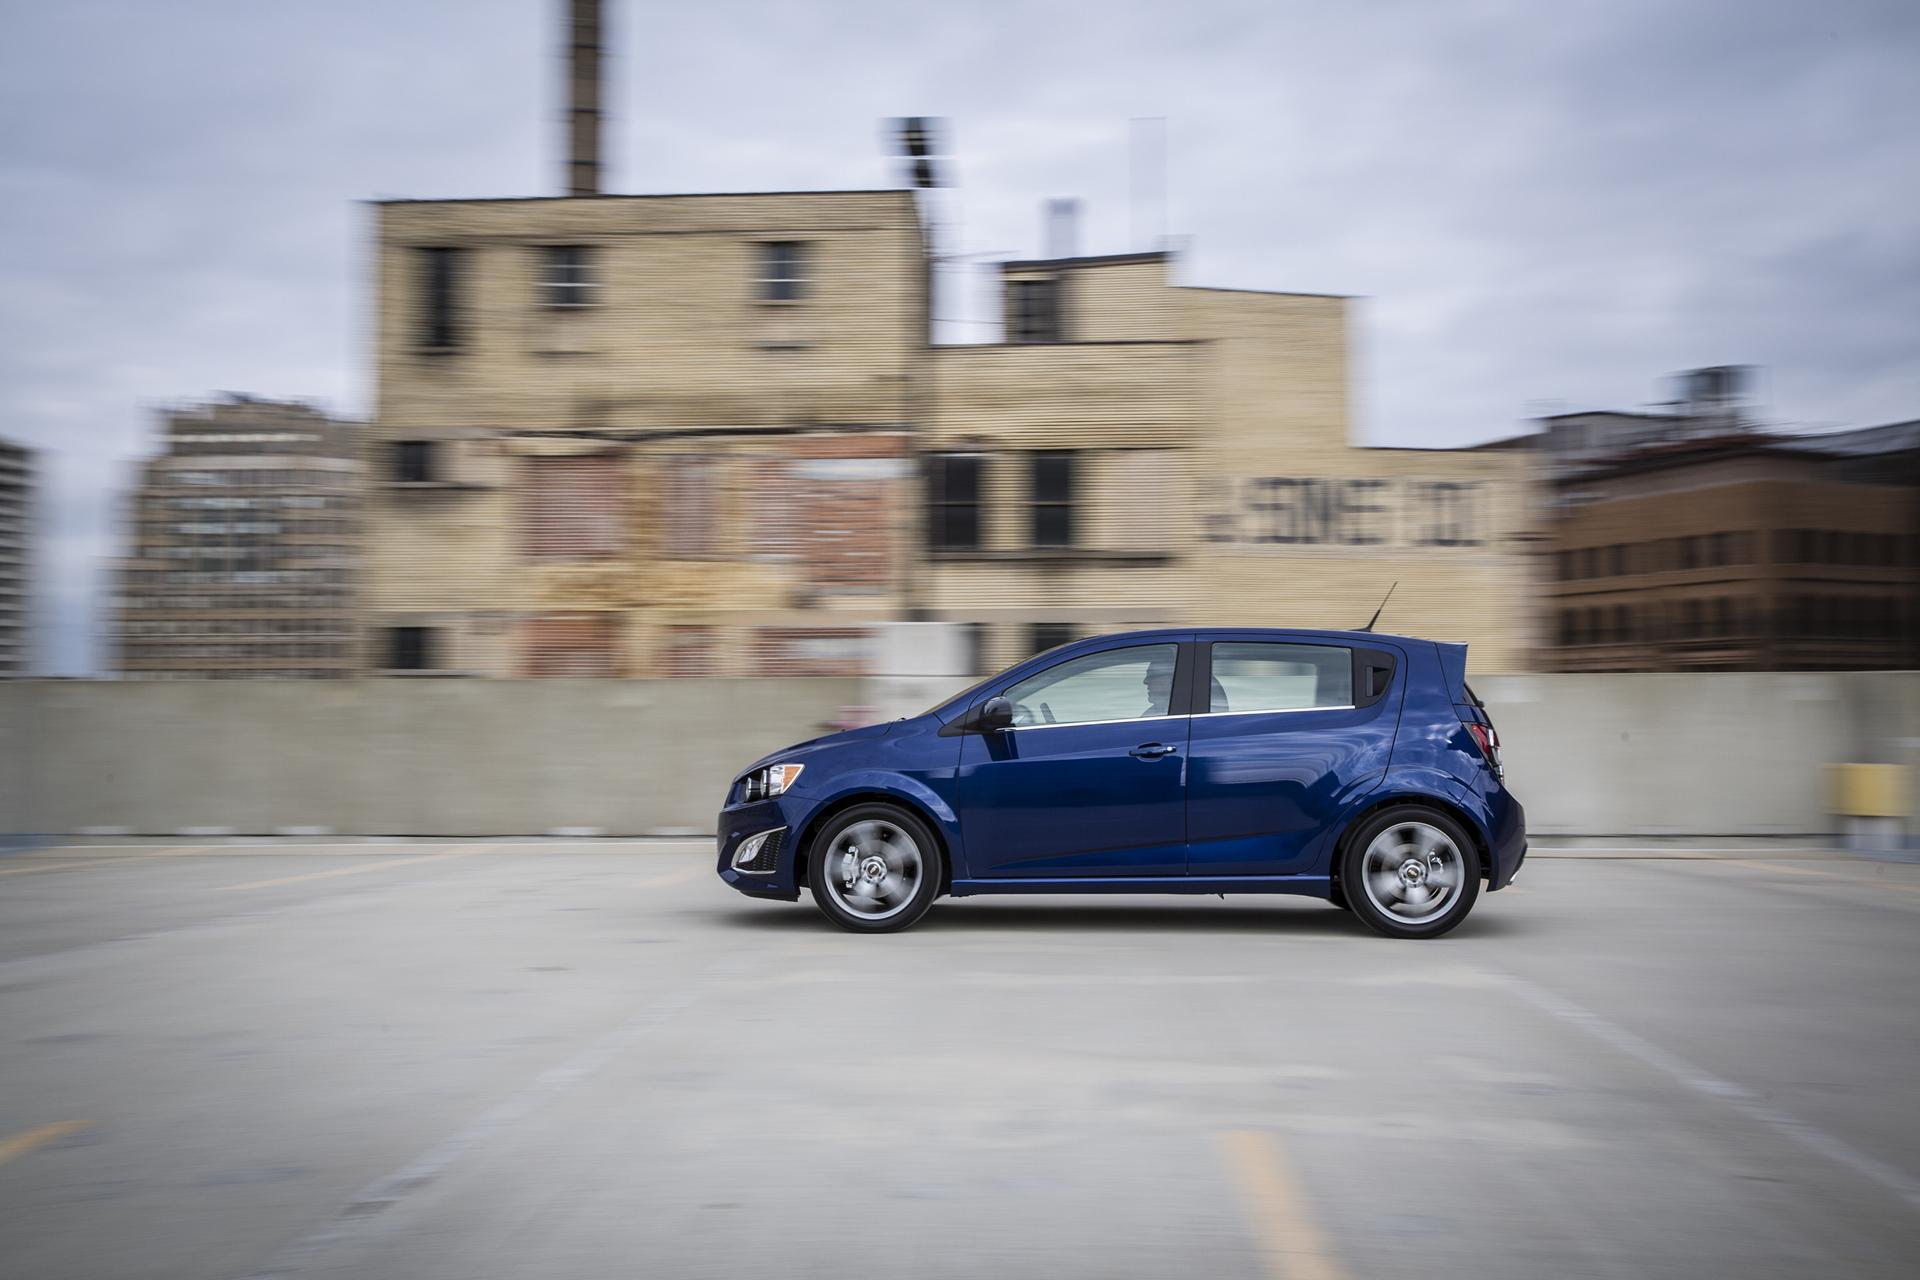 2016 Sonic RS Hatchback in Blue Topaz © General Motors